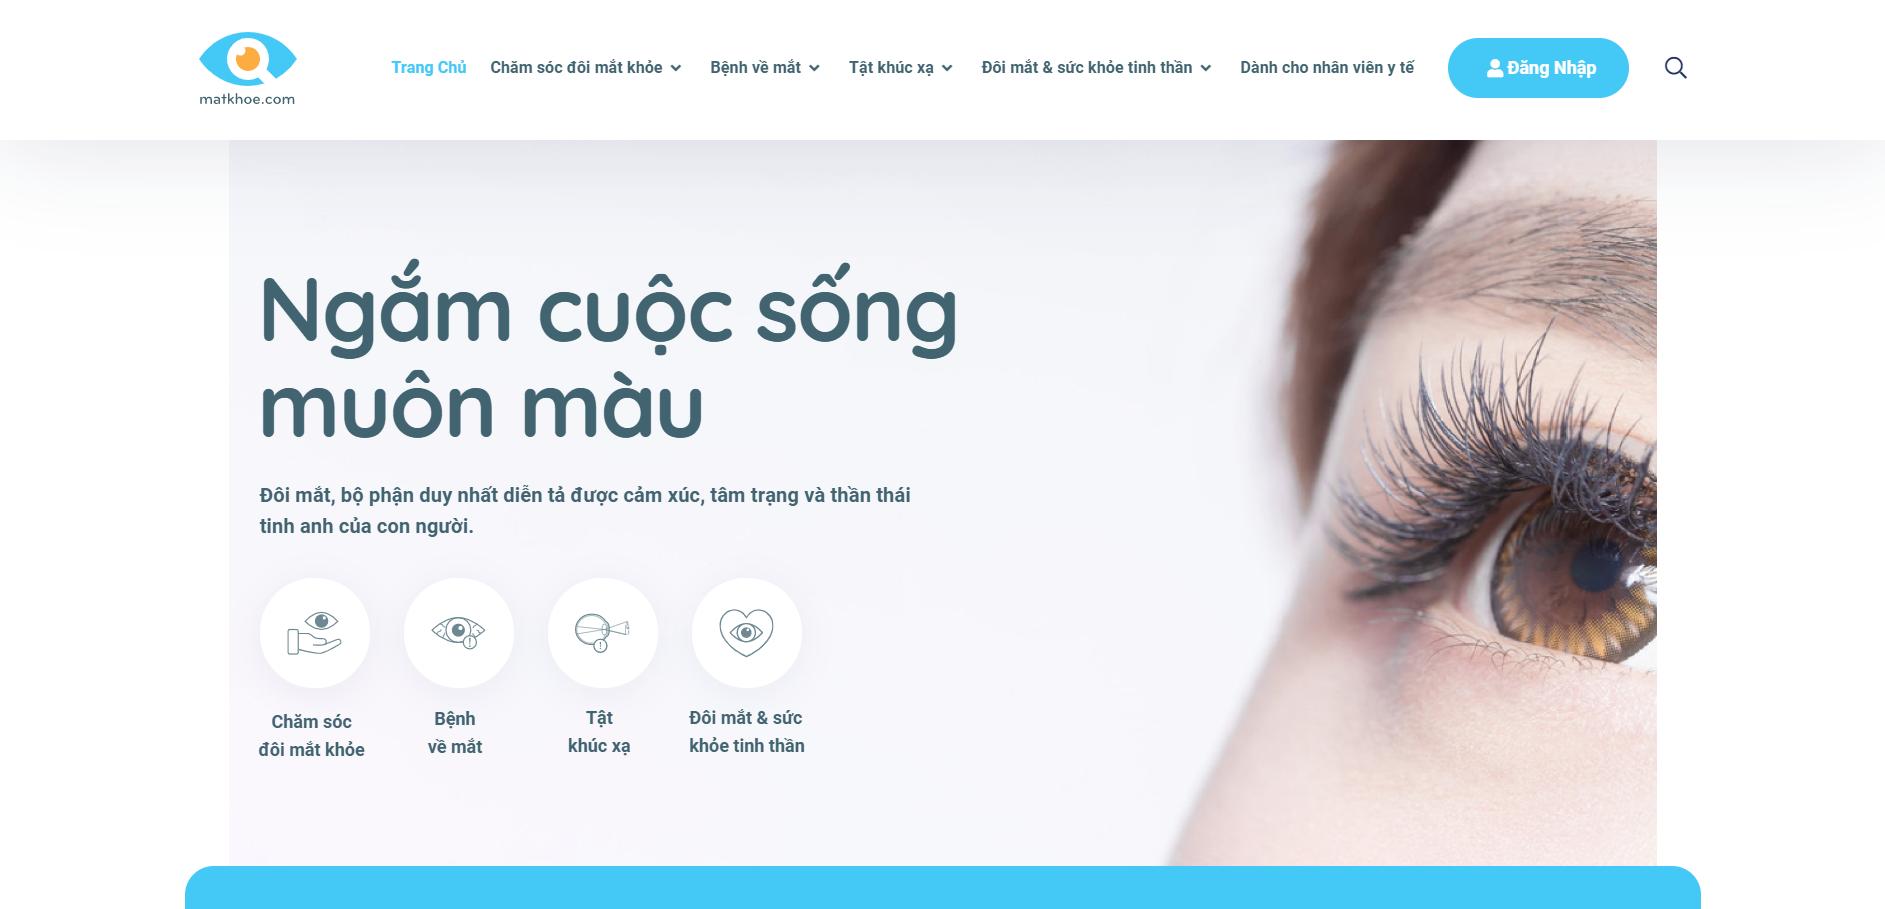 Website Mắt Khỏe: trang tin y tế chuyên cung cấp thông tin về mắt.